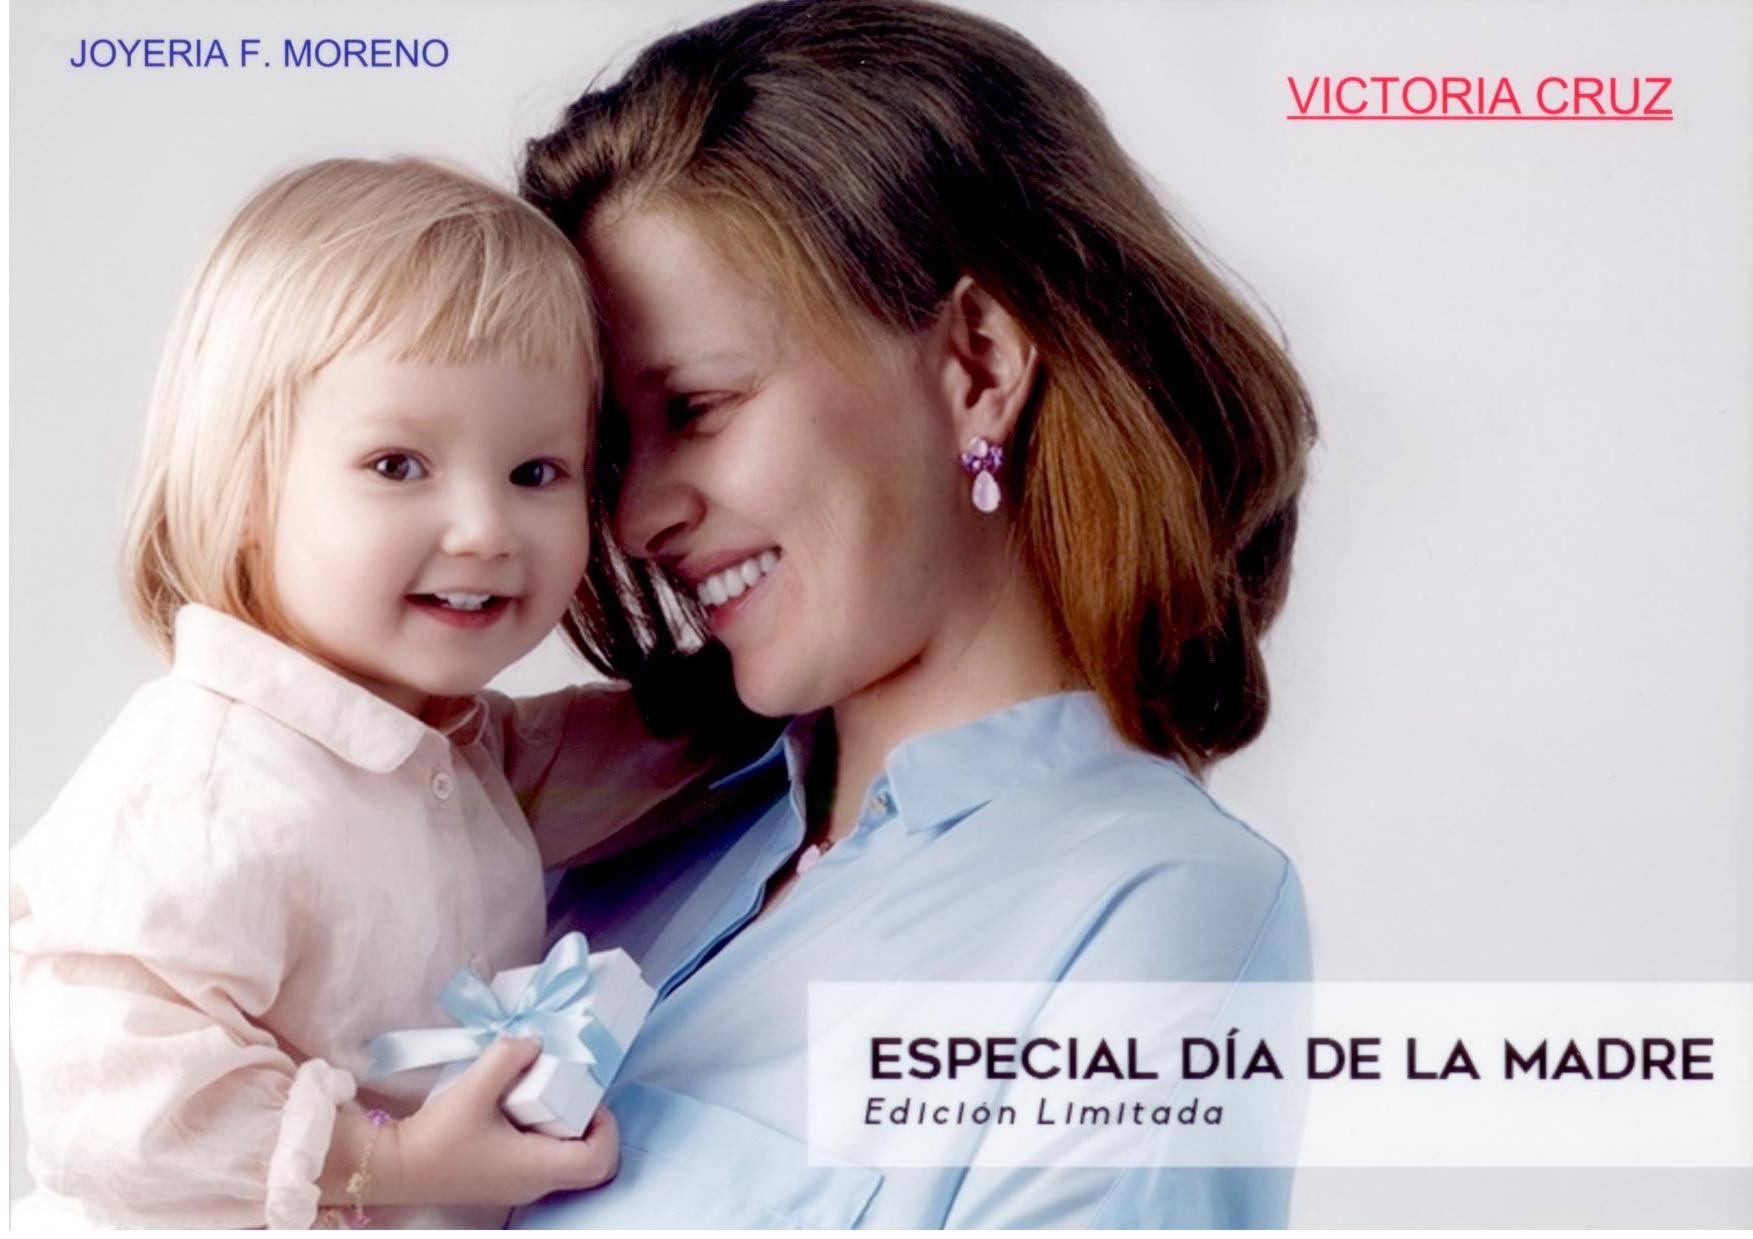 Joyería – Relojería F. Moreno celebra el Día de la Madre en Herencia 6